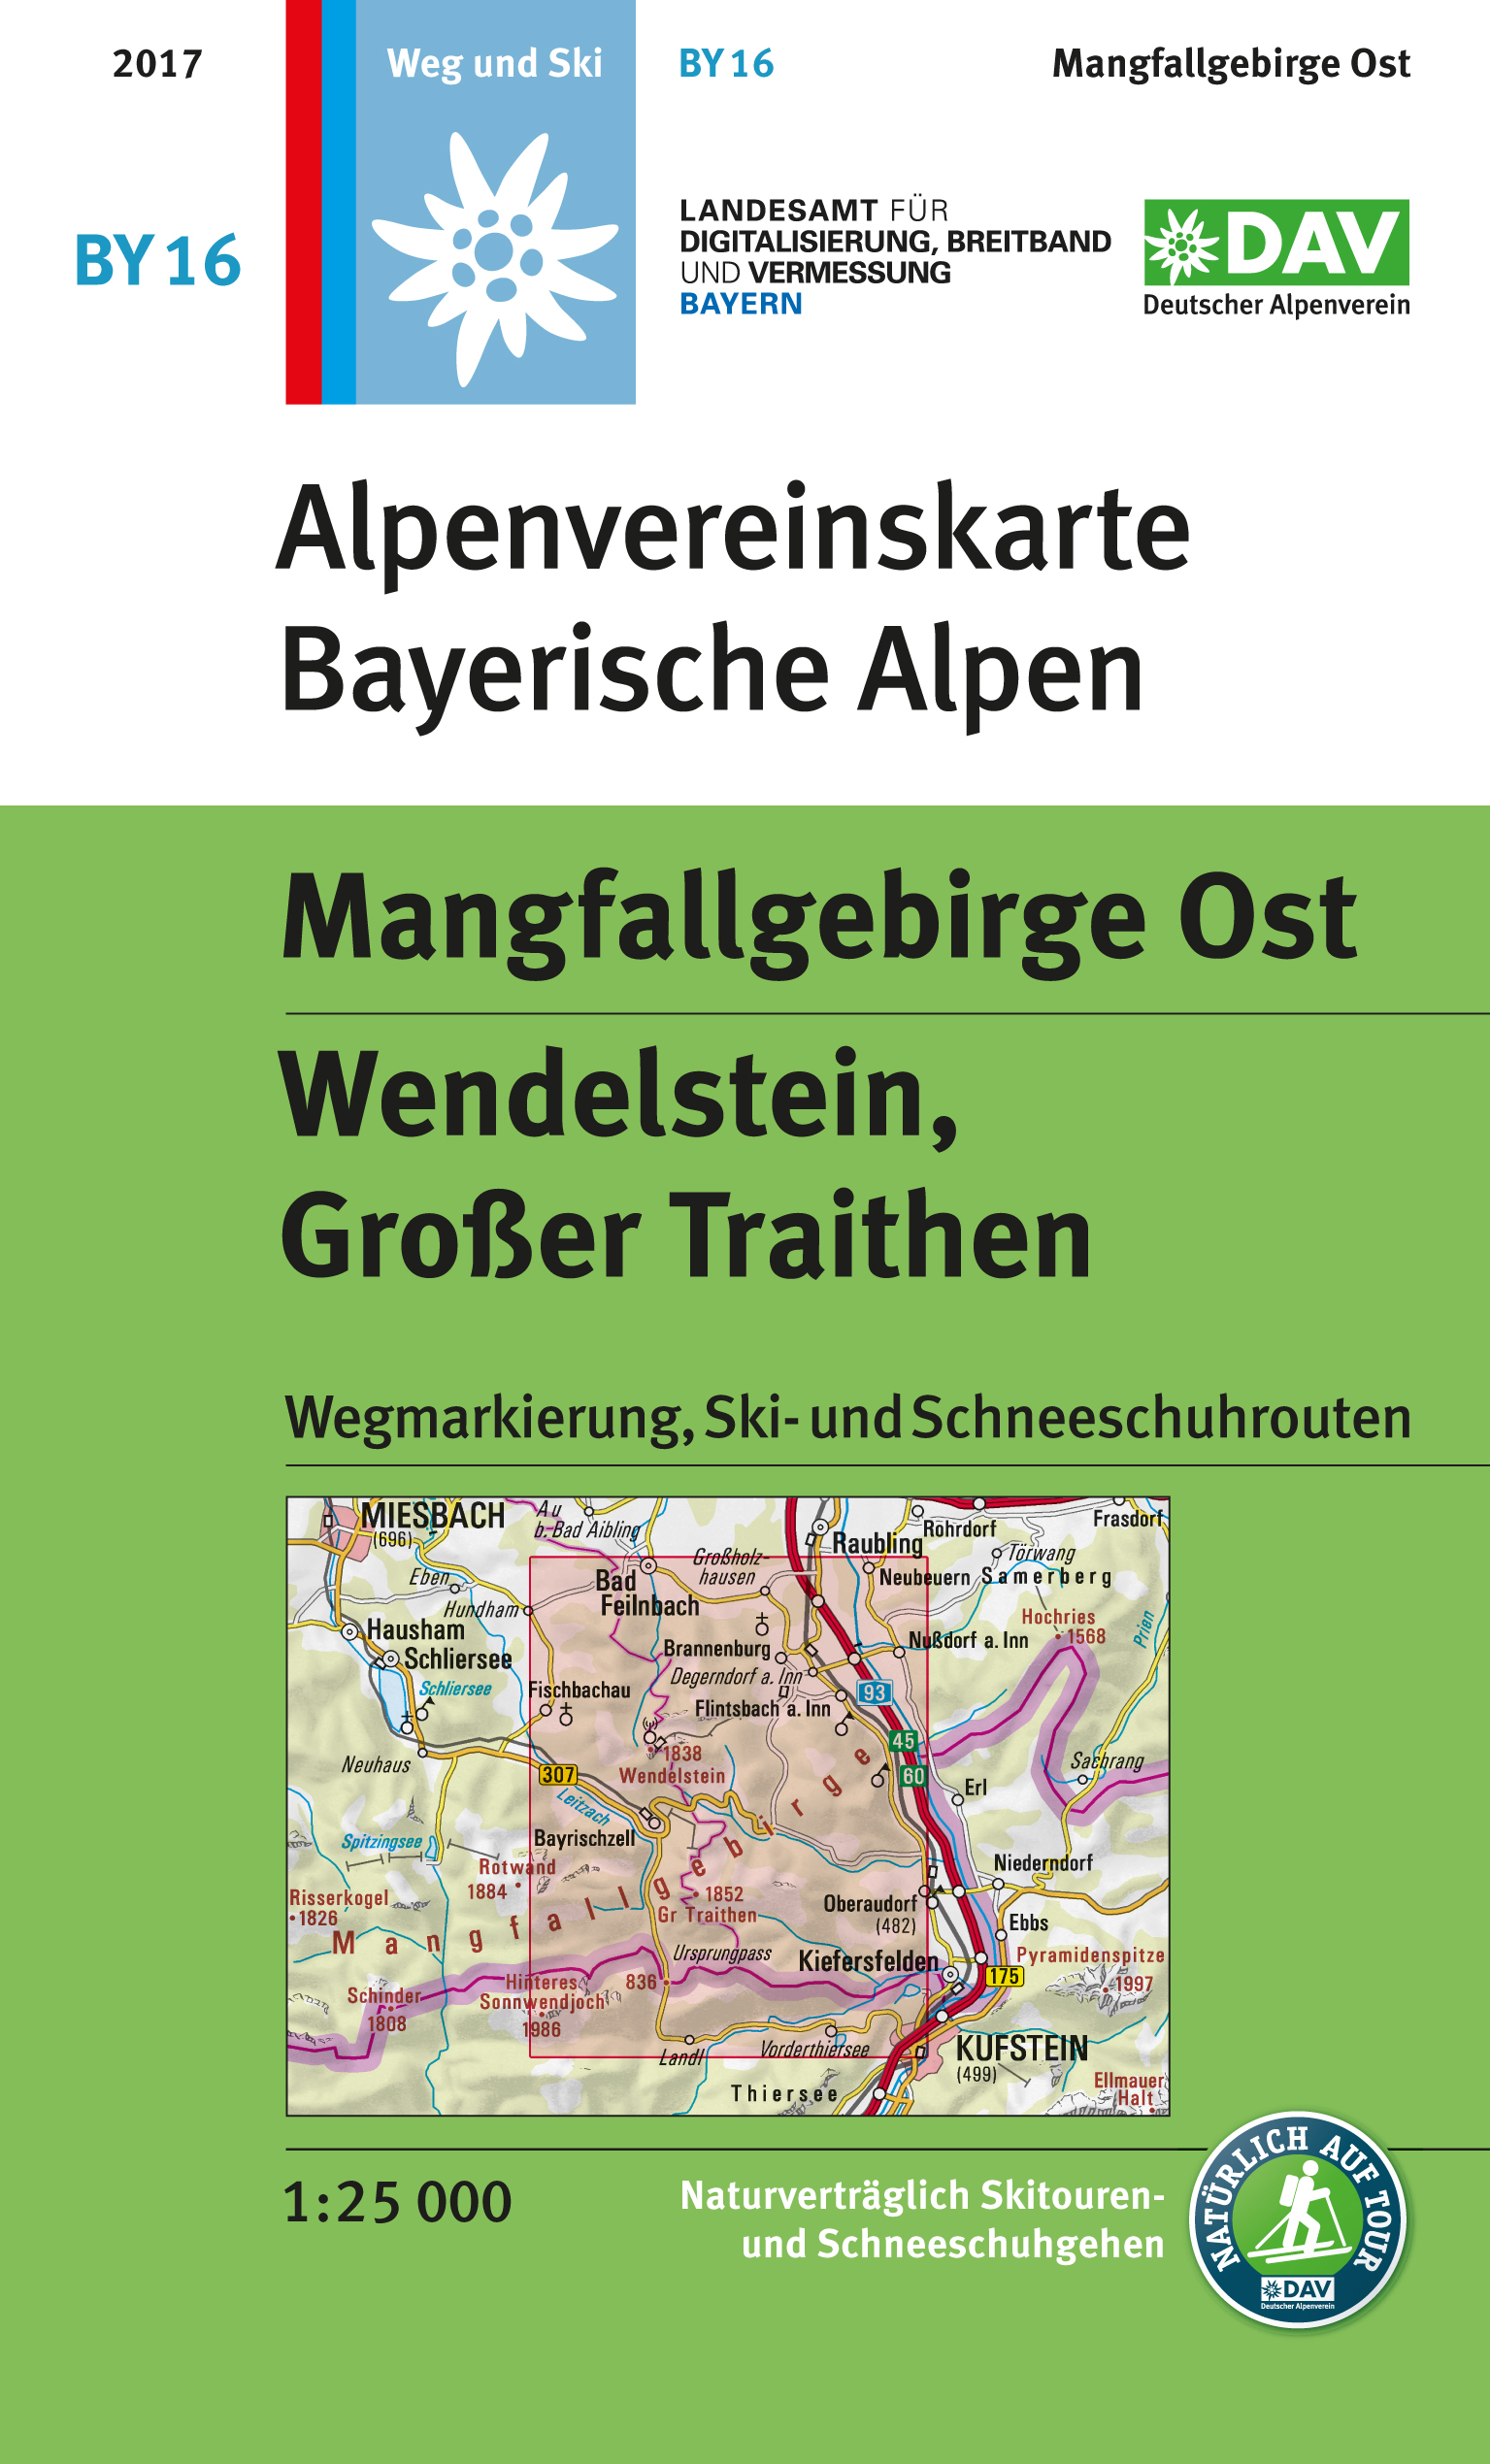 BY16 Mangfallgebirge Ost, Wendelstein, Gr. Traithen